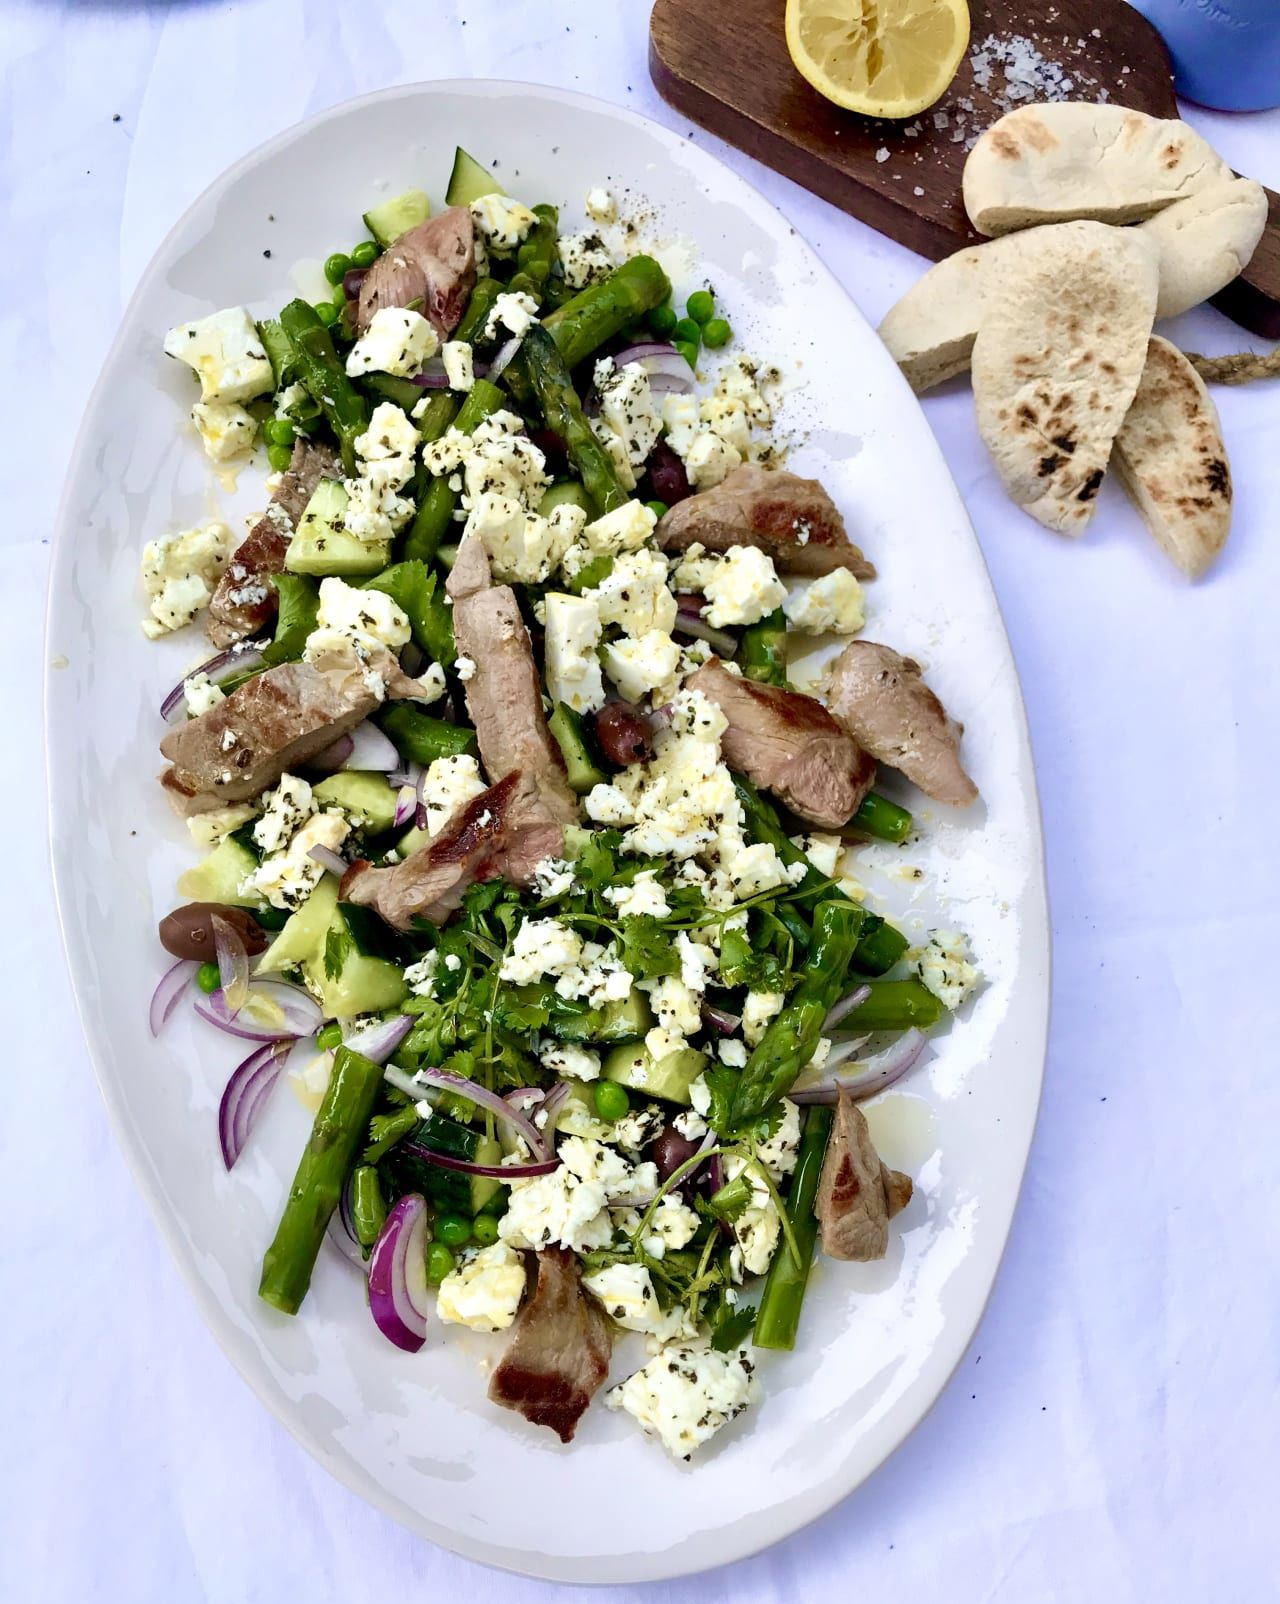 Greek Lamb and Feta Salad